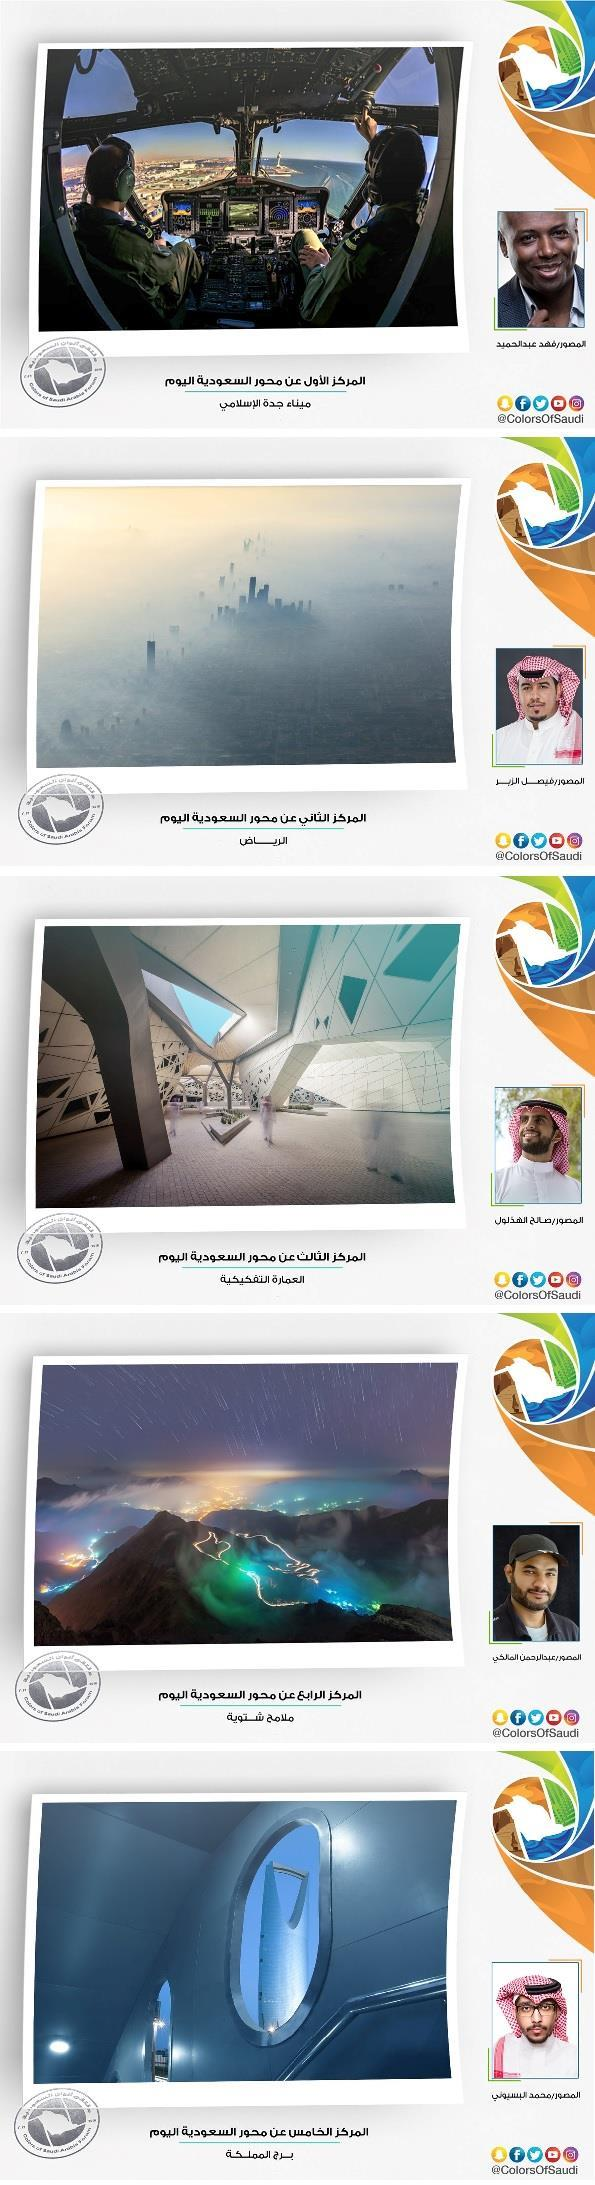 """شاهد أجمل الصور الفائزة بمسابقة """"ألوان السعودية"""".. مناظر طبيعية وتراثية وسياحية بديعة"""